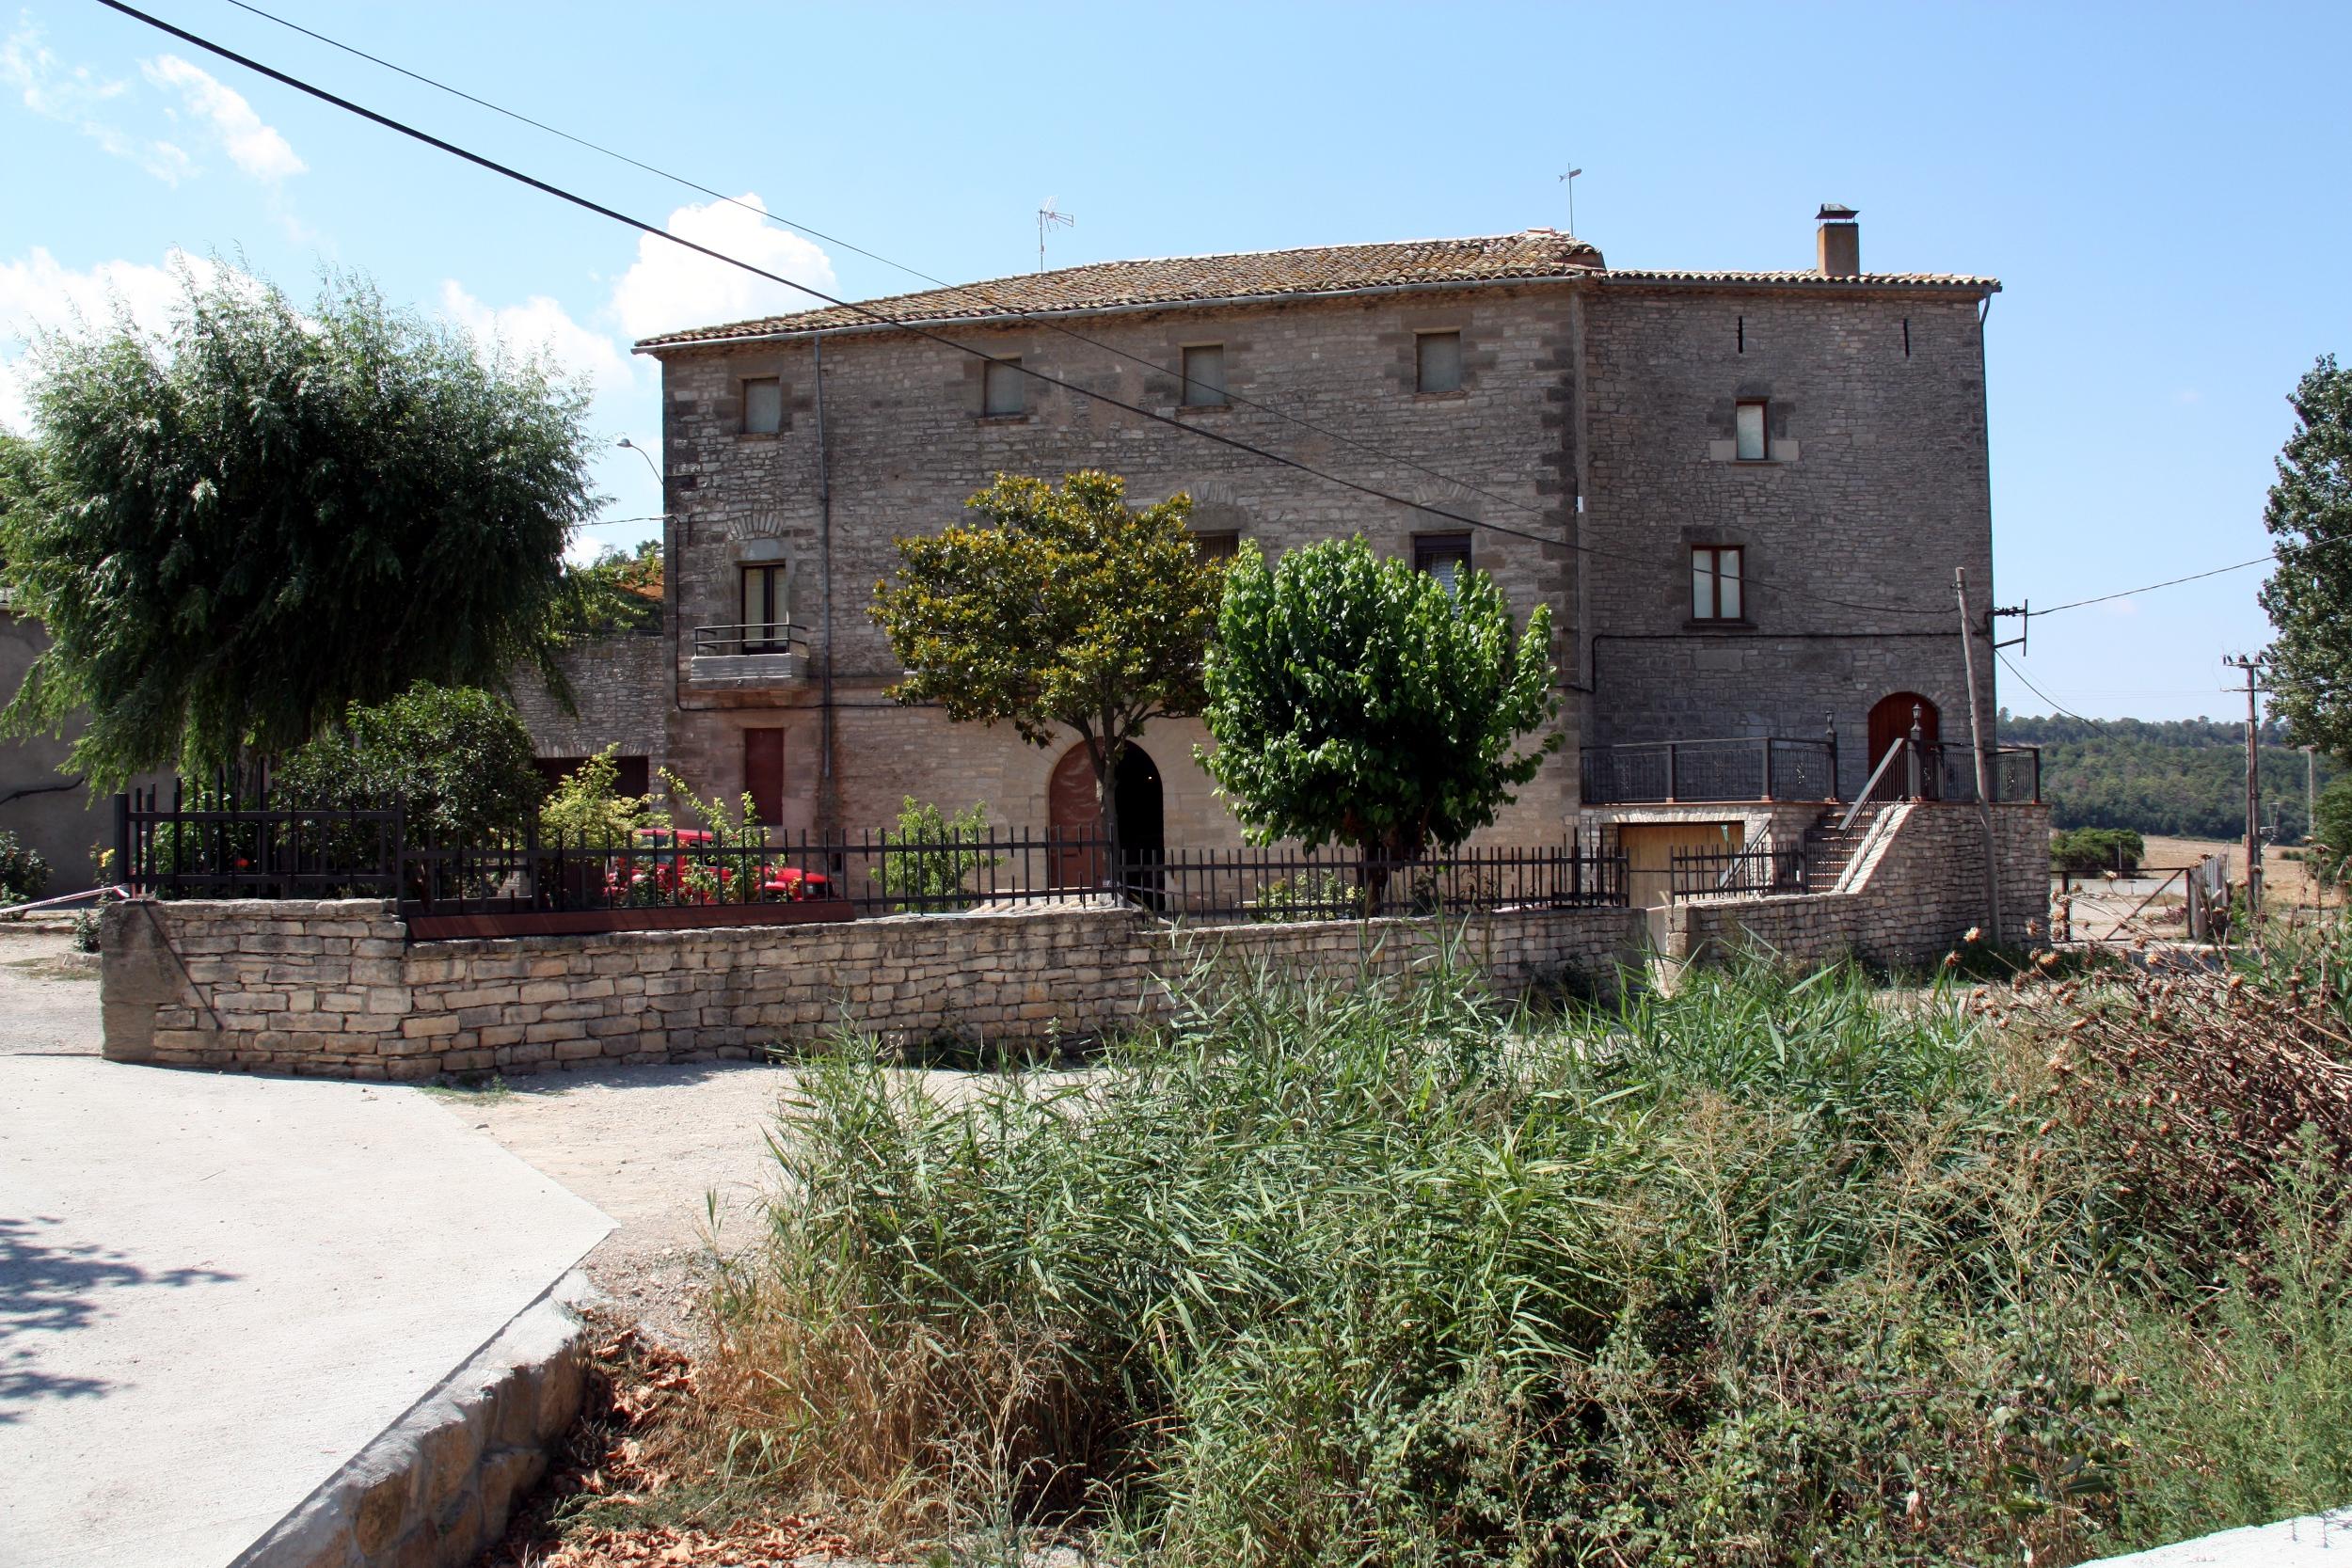 A judici quinze persones vinculades amb dos assalts violents en una masia de la Segarra l'any 2013